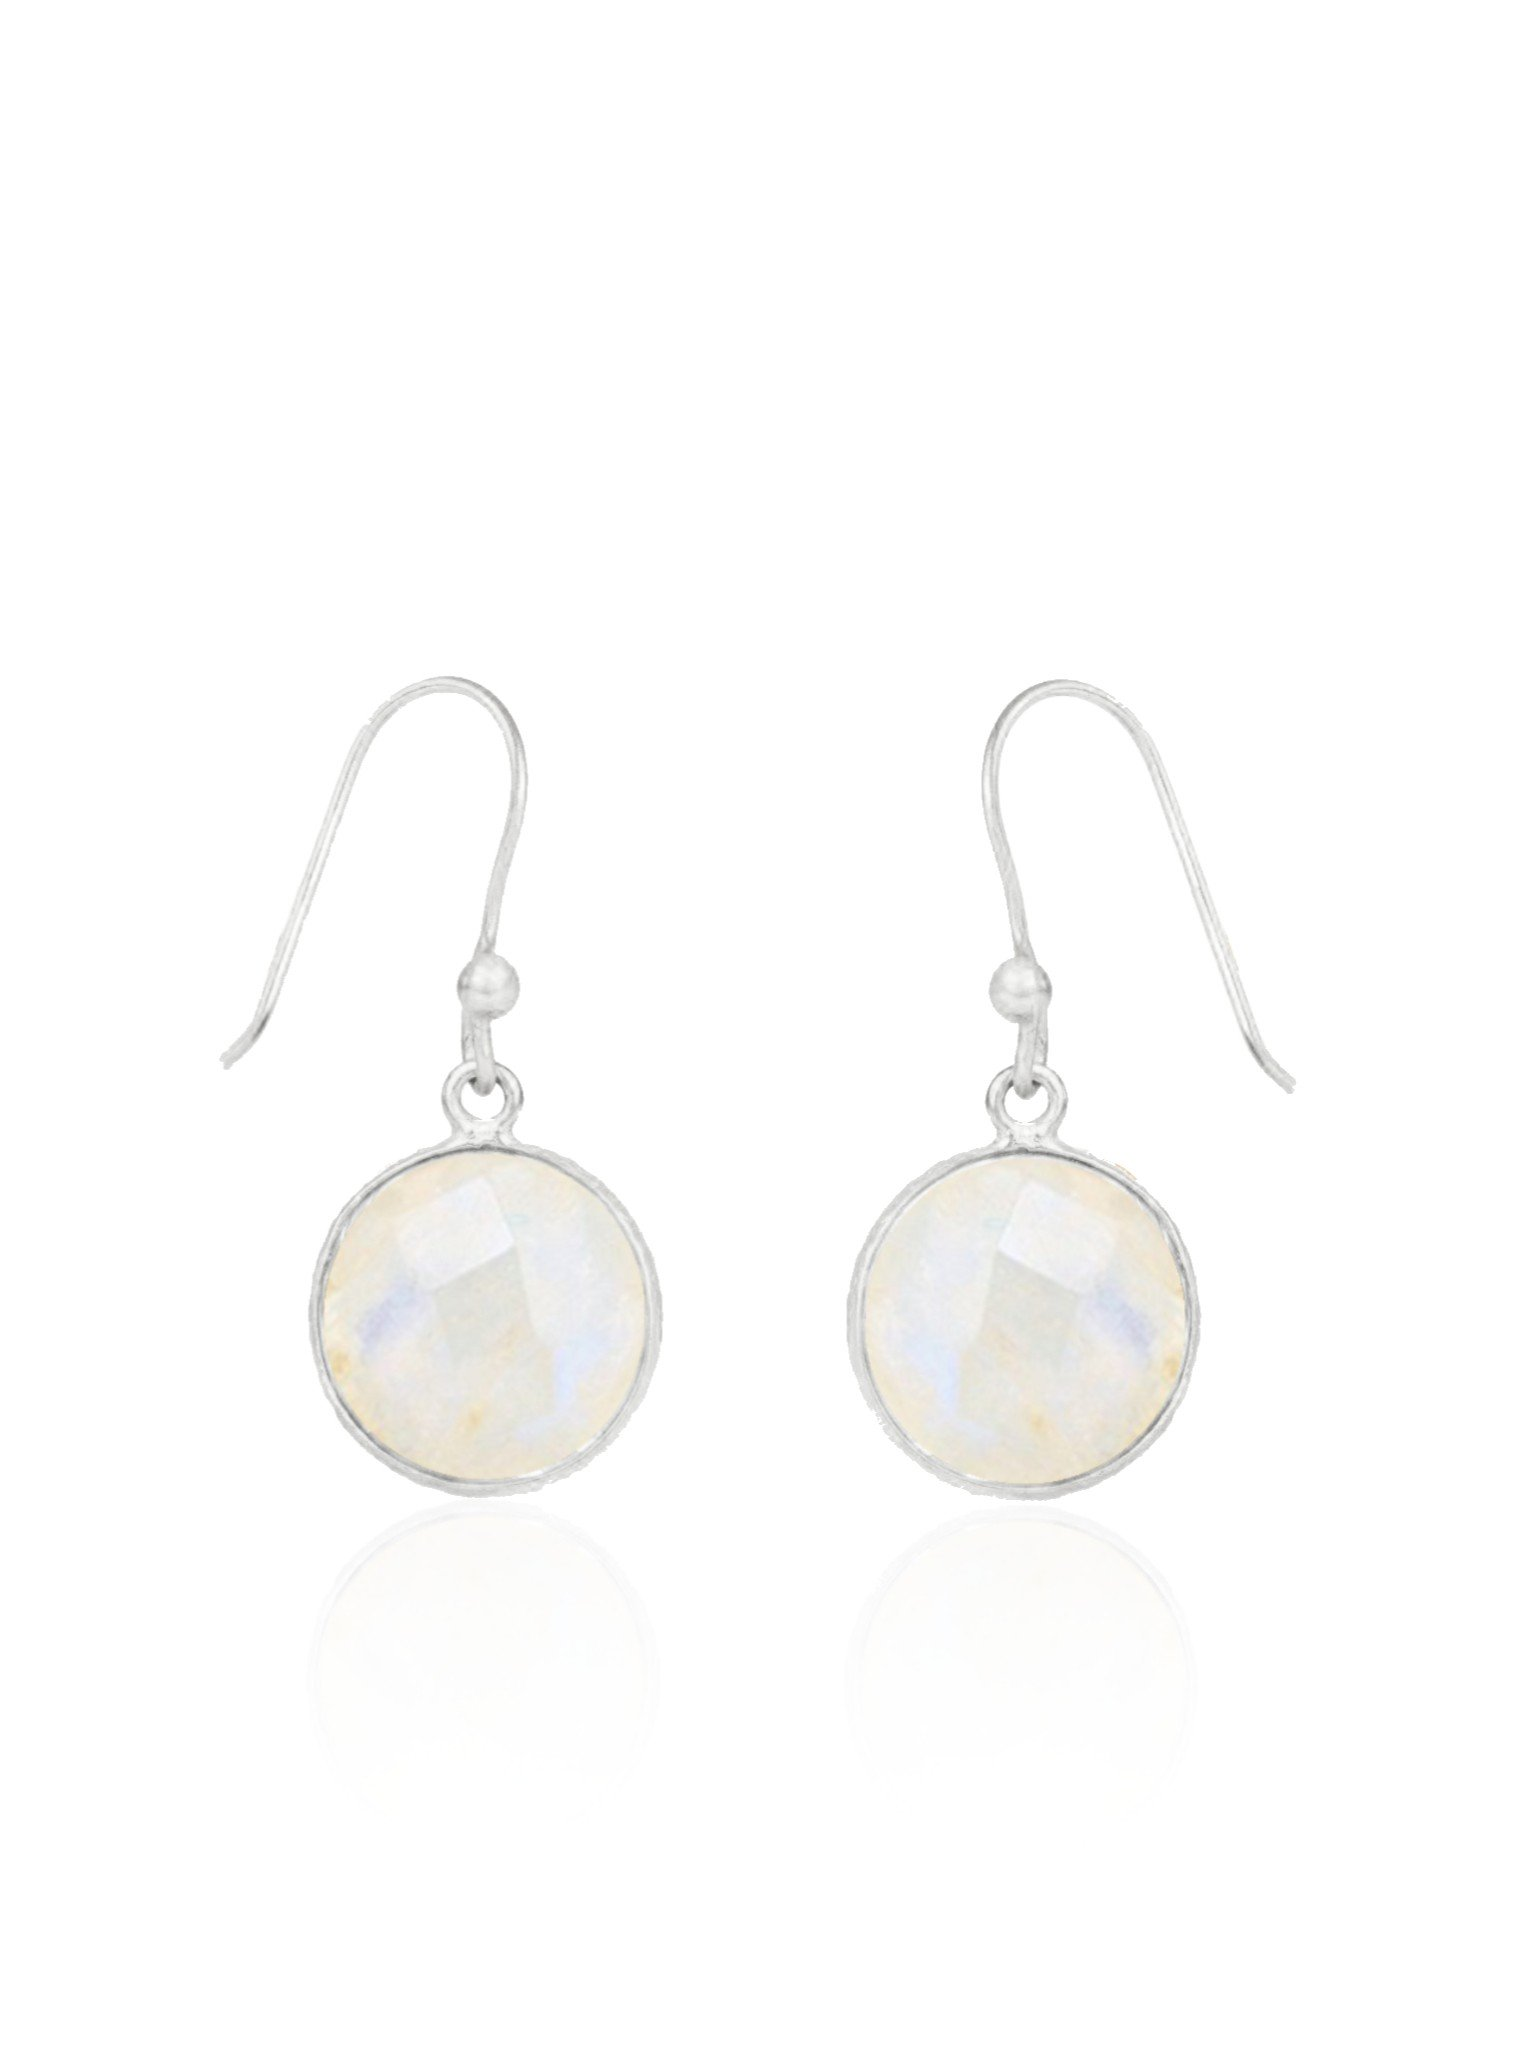 Belle Simple Rainbow Moonstone Earrings in Silver